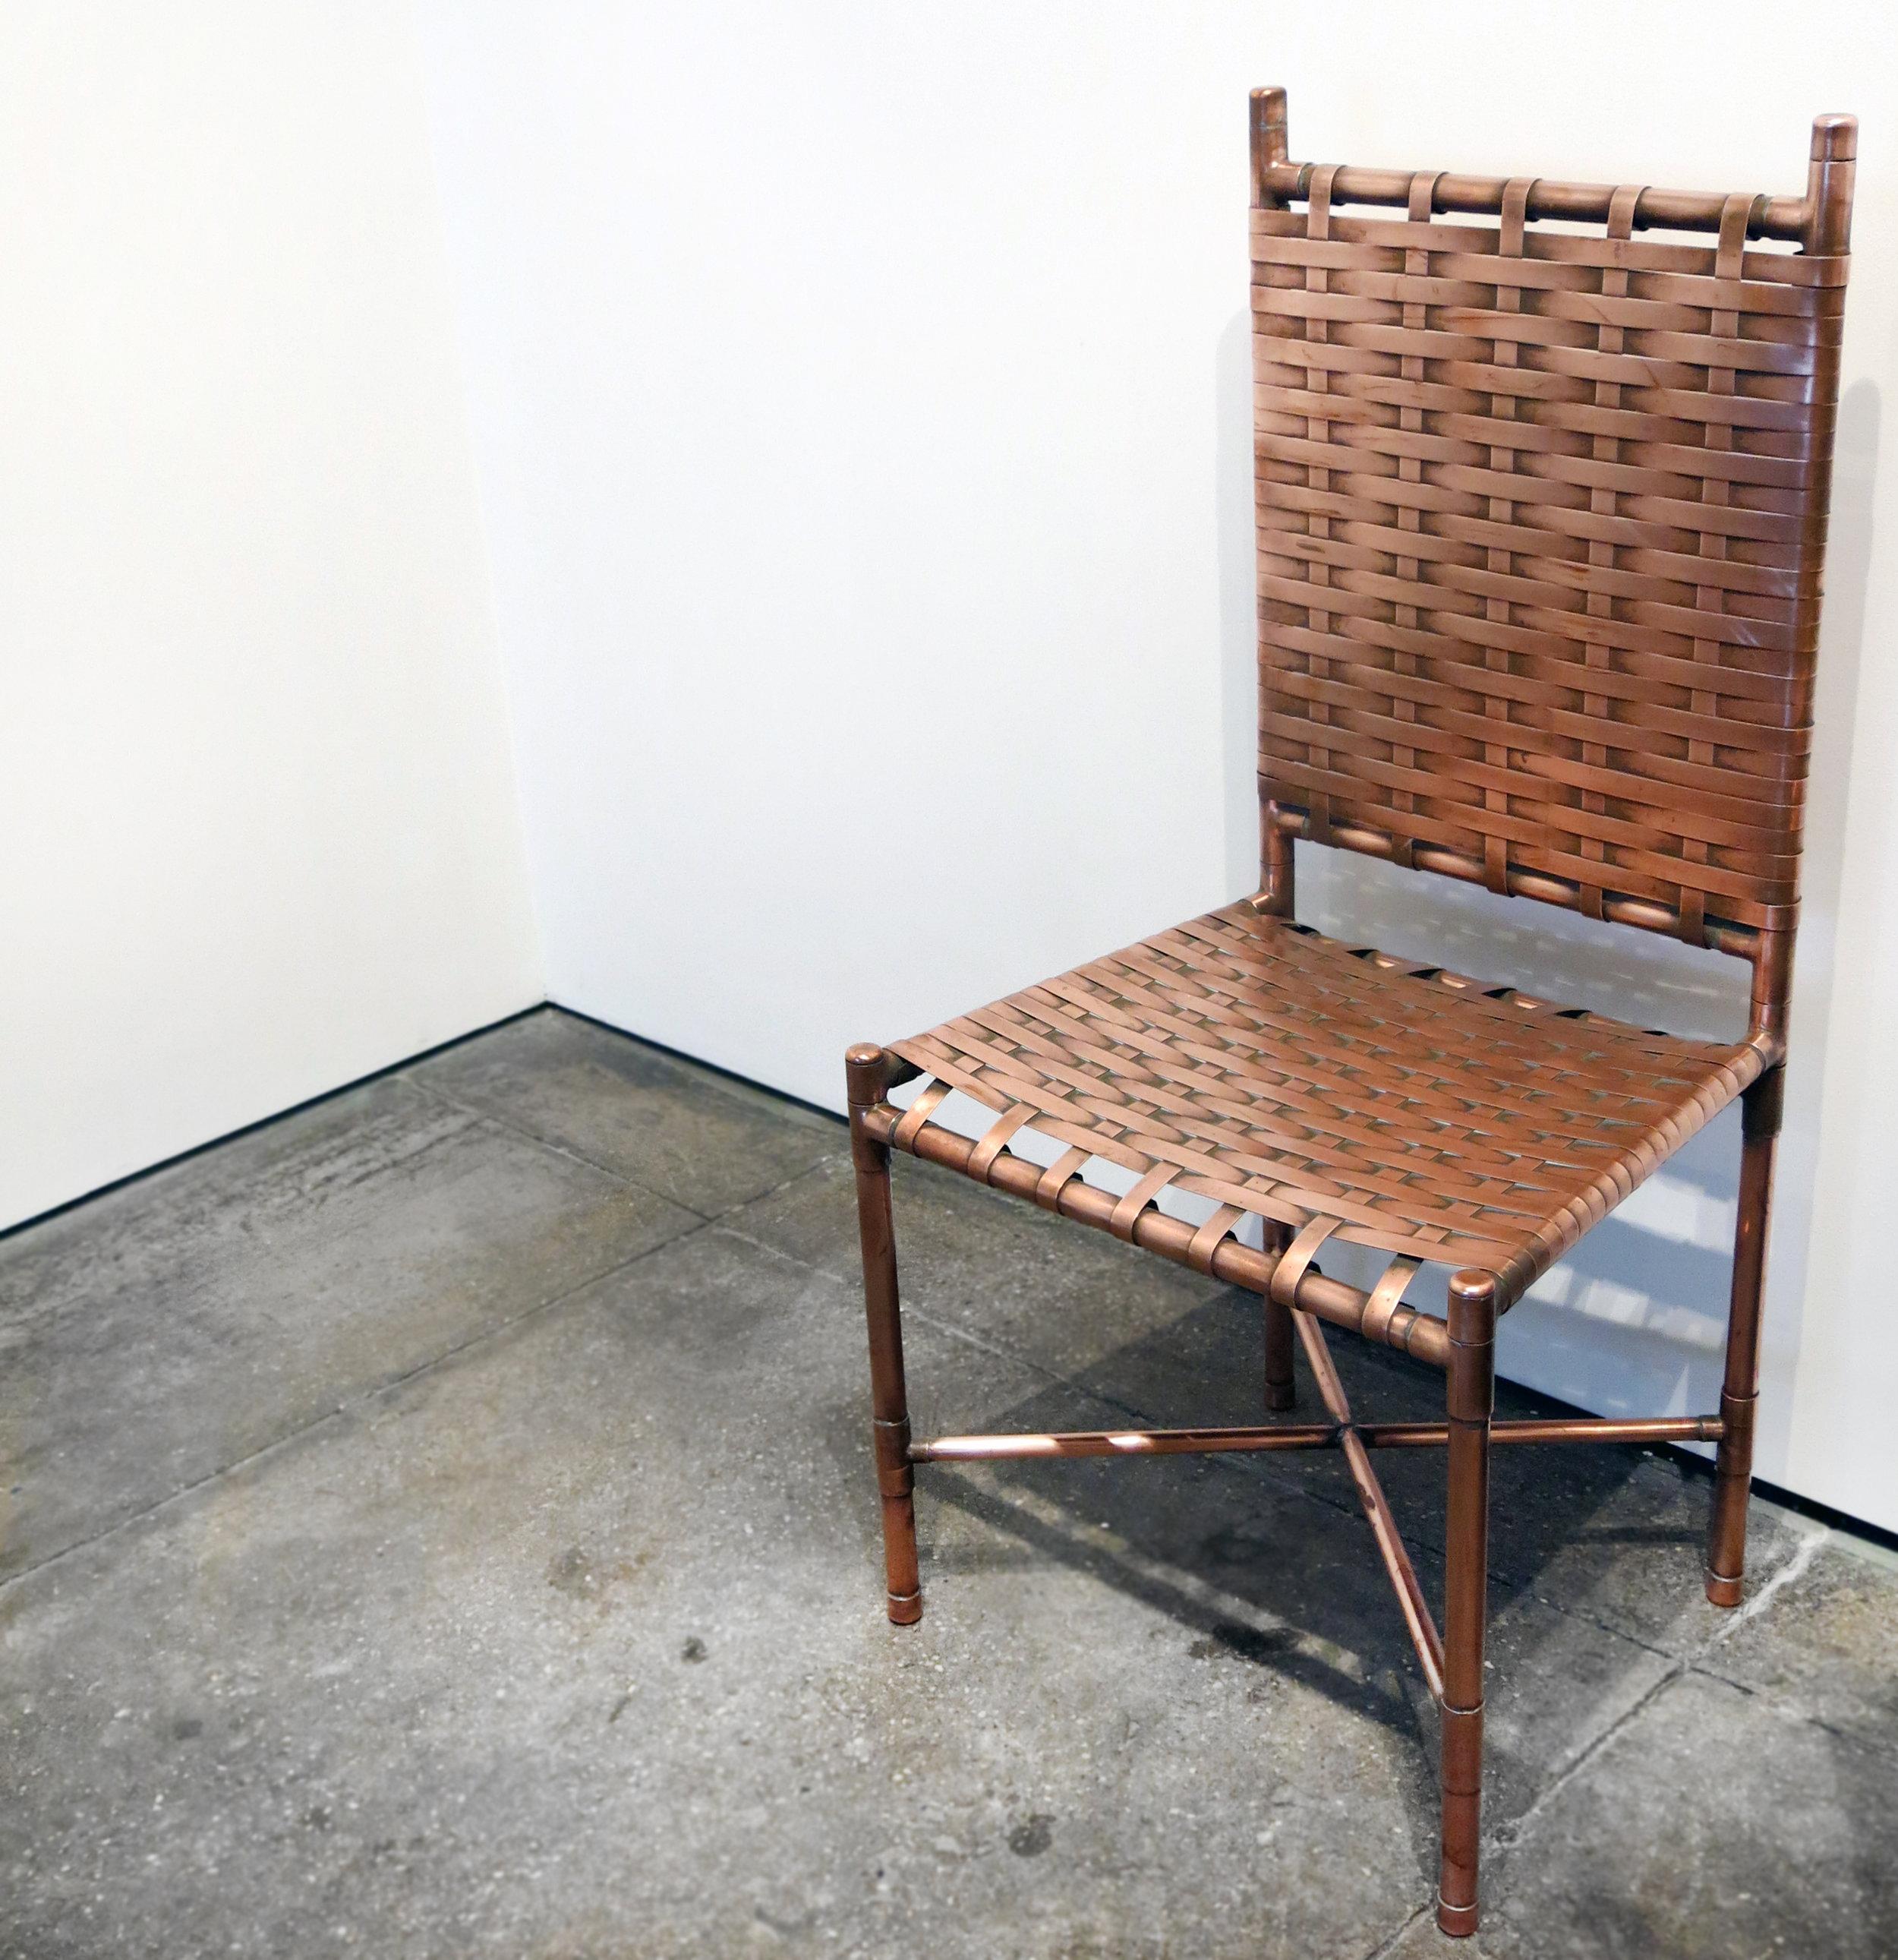 4 [PM24] Chair.72.jpg